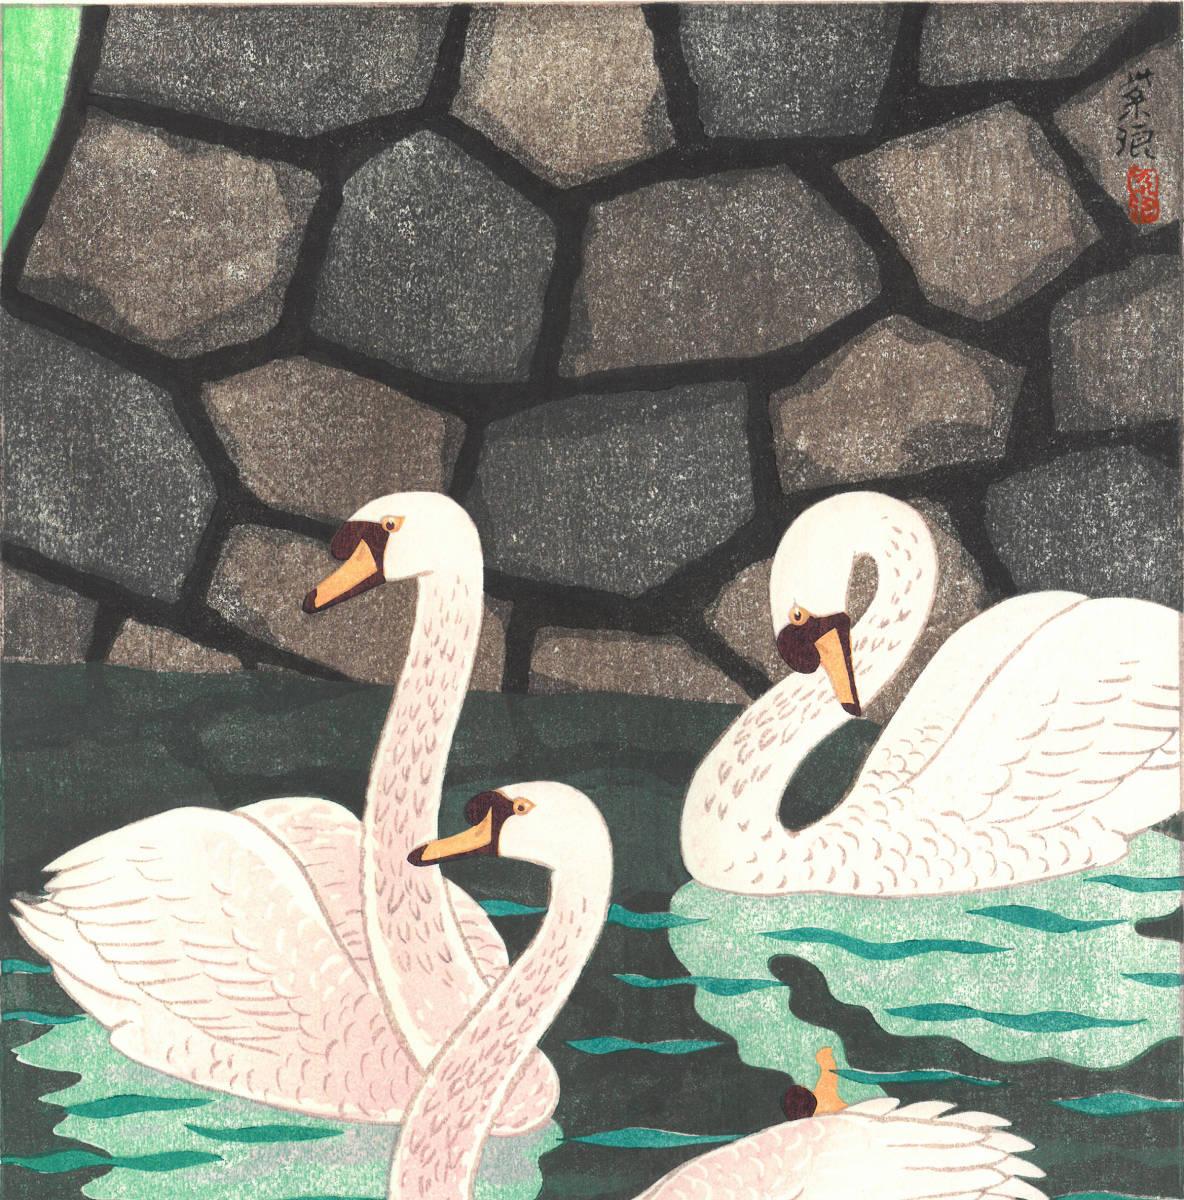 笠松紫浪 (Kasamatsu Shiro) 木版画 No29 おほりの春 新版画  初版昭和中期頃   一流の摺師の技をご堪能下さい!!_画像6